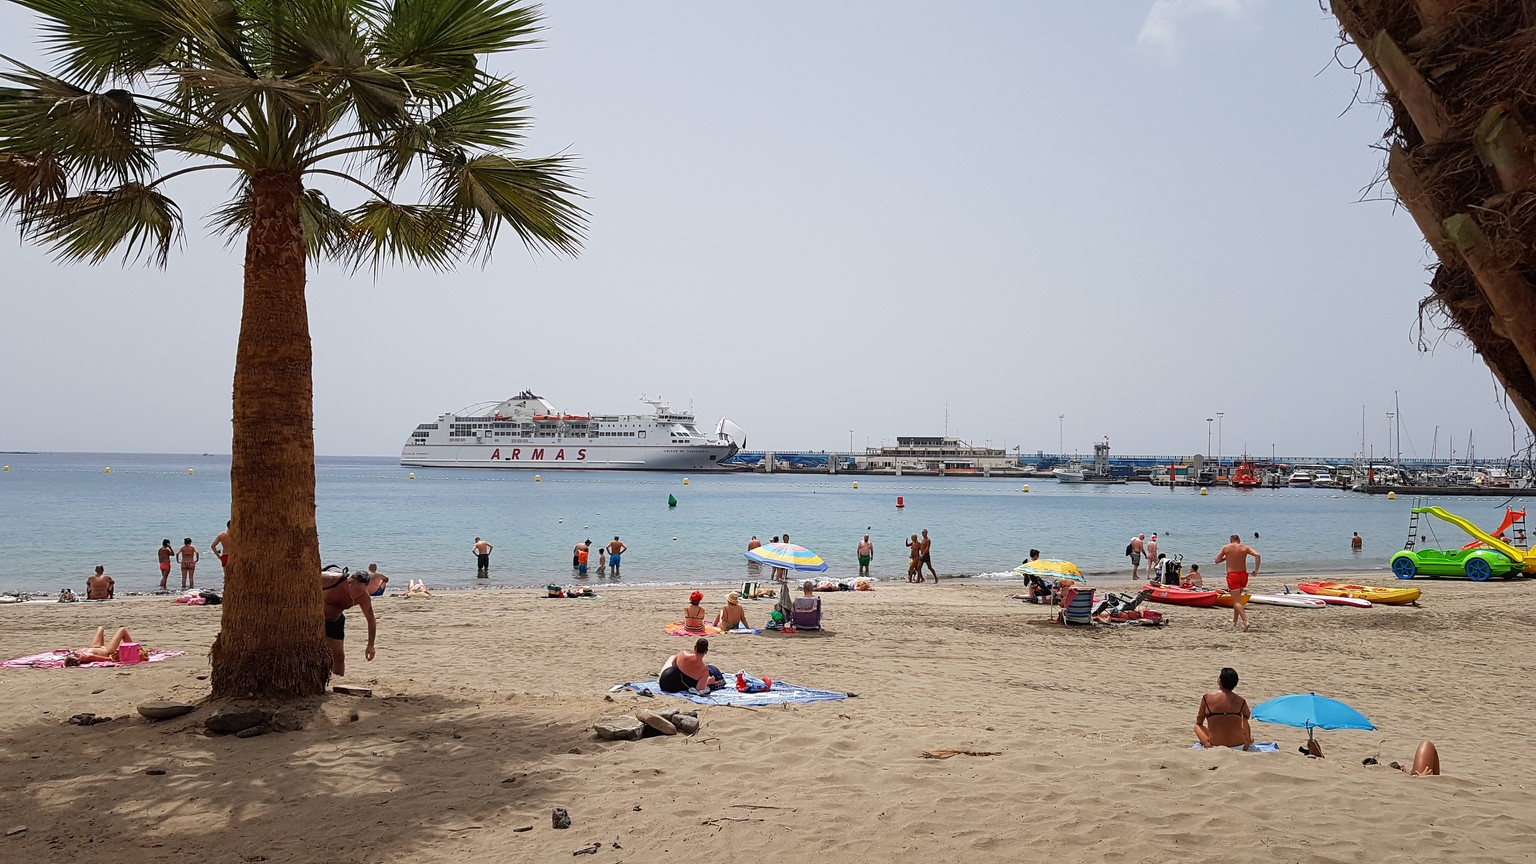 pláž s palmou a lodí